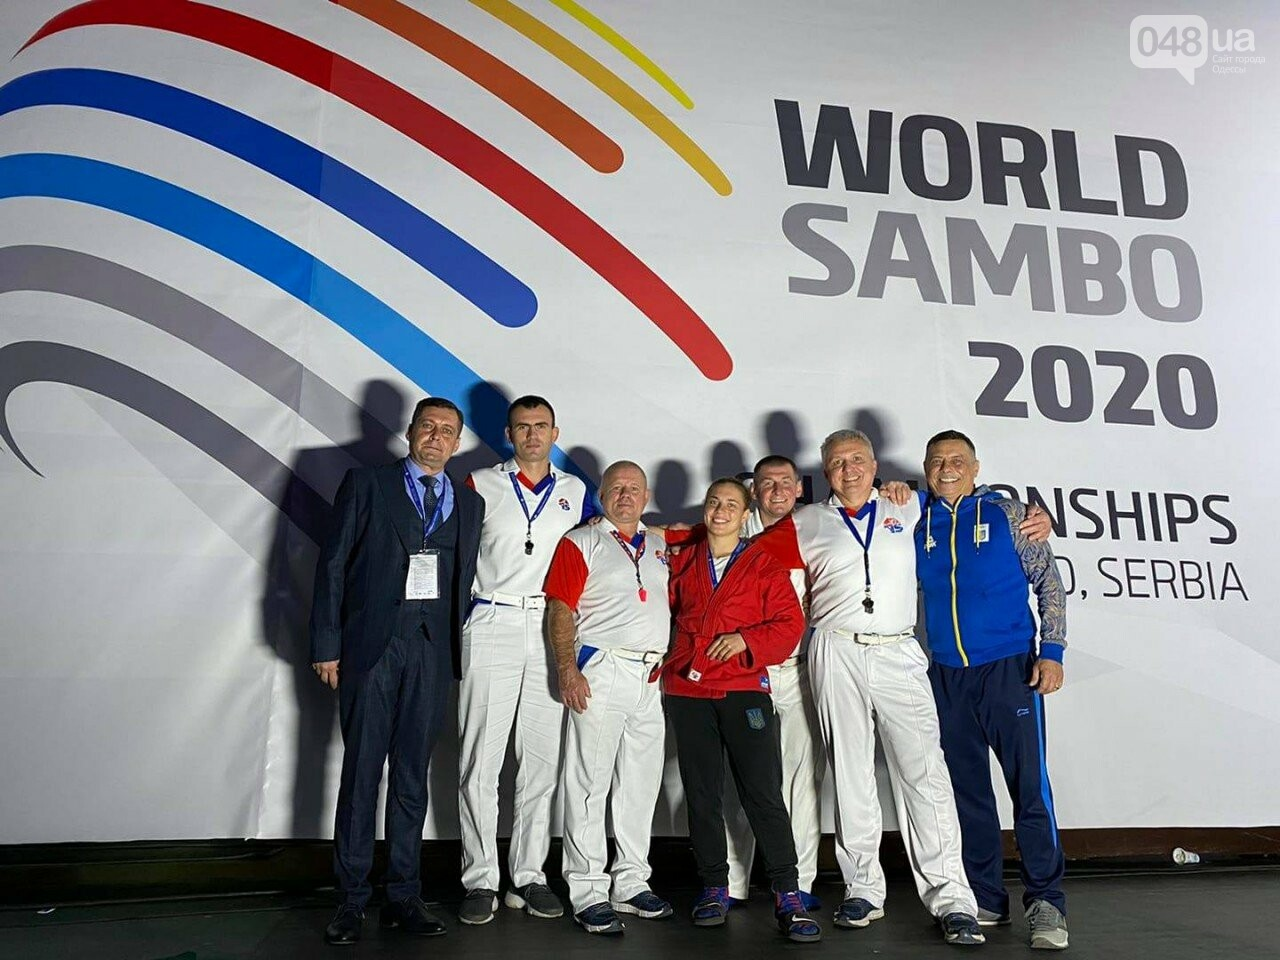 Одесские самбисты успешно выступили на чемпионате мира в Сербии, фото-1